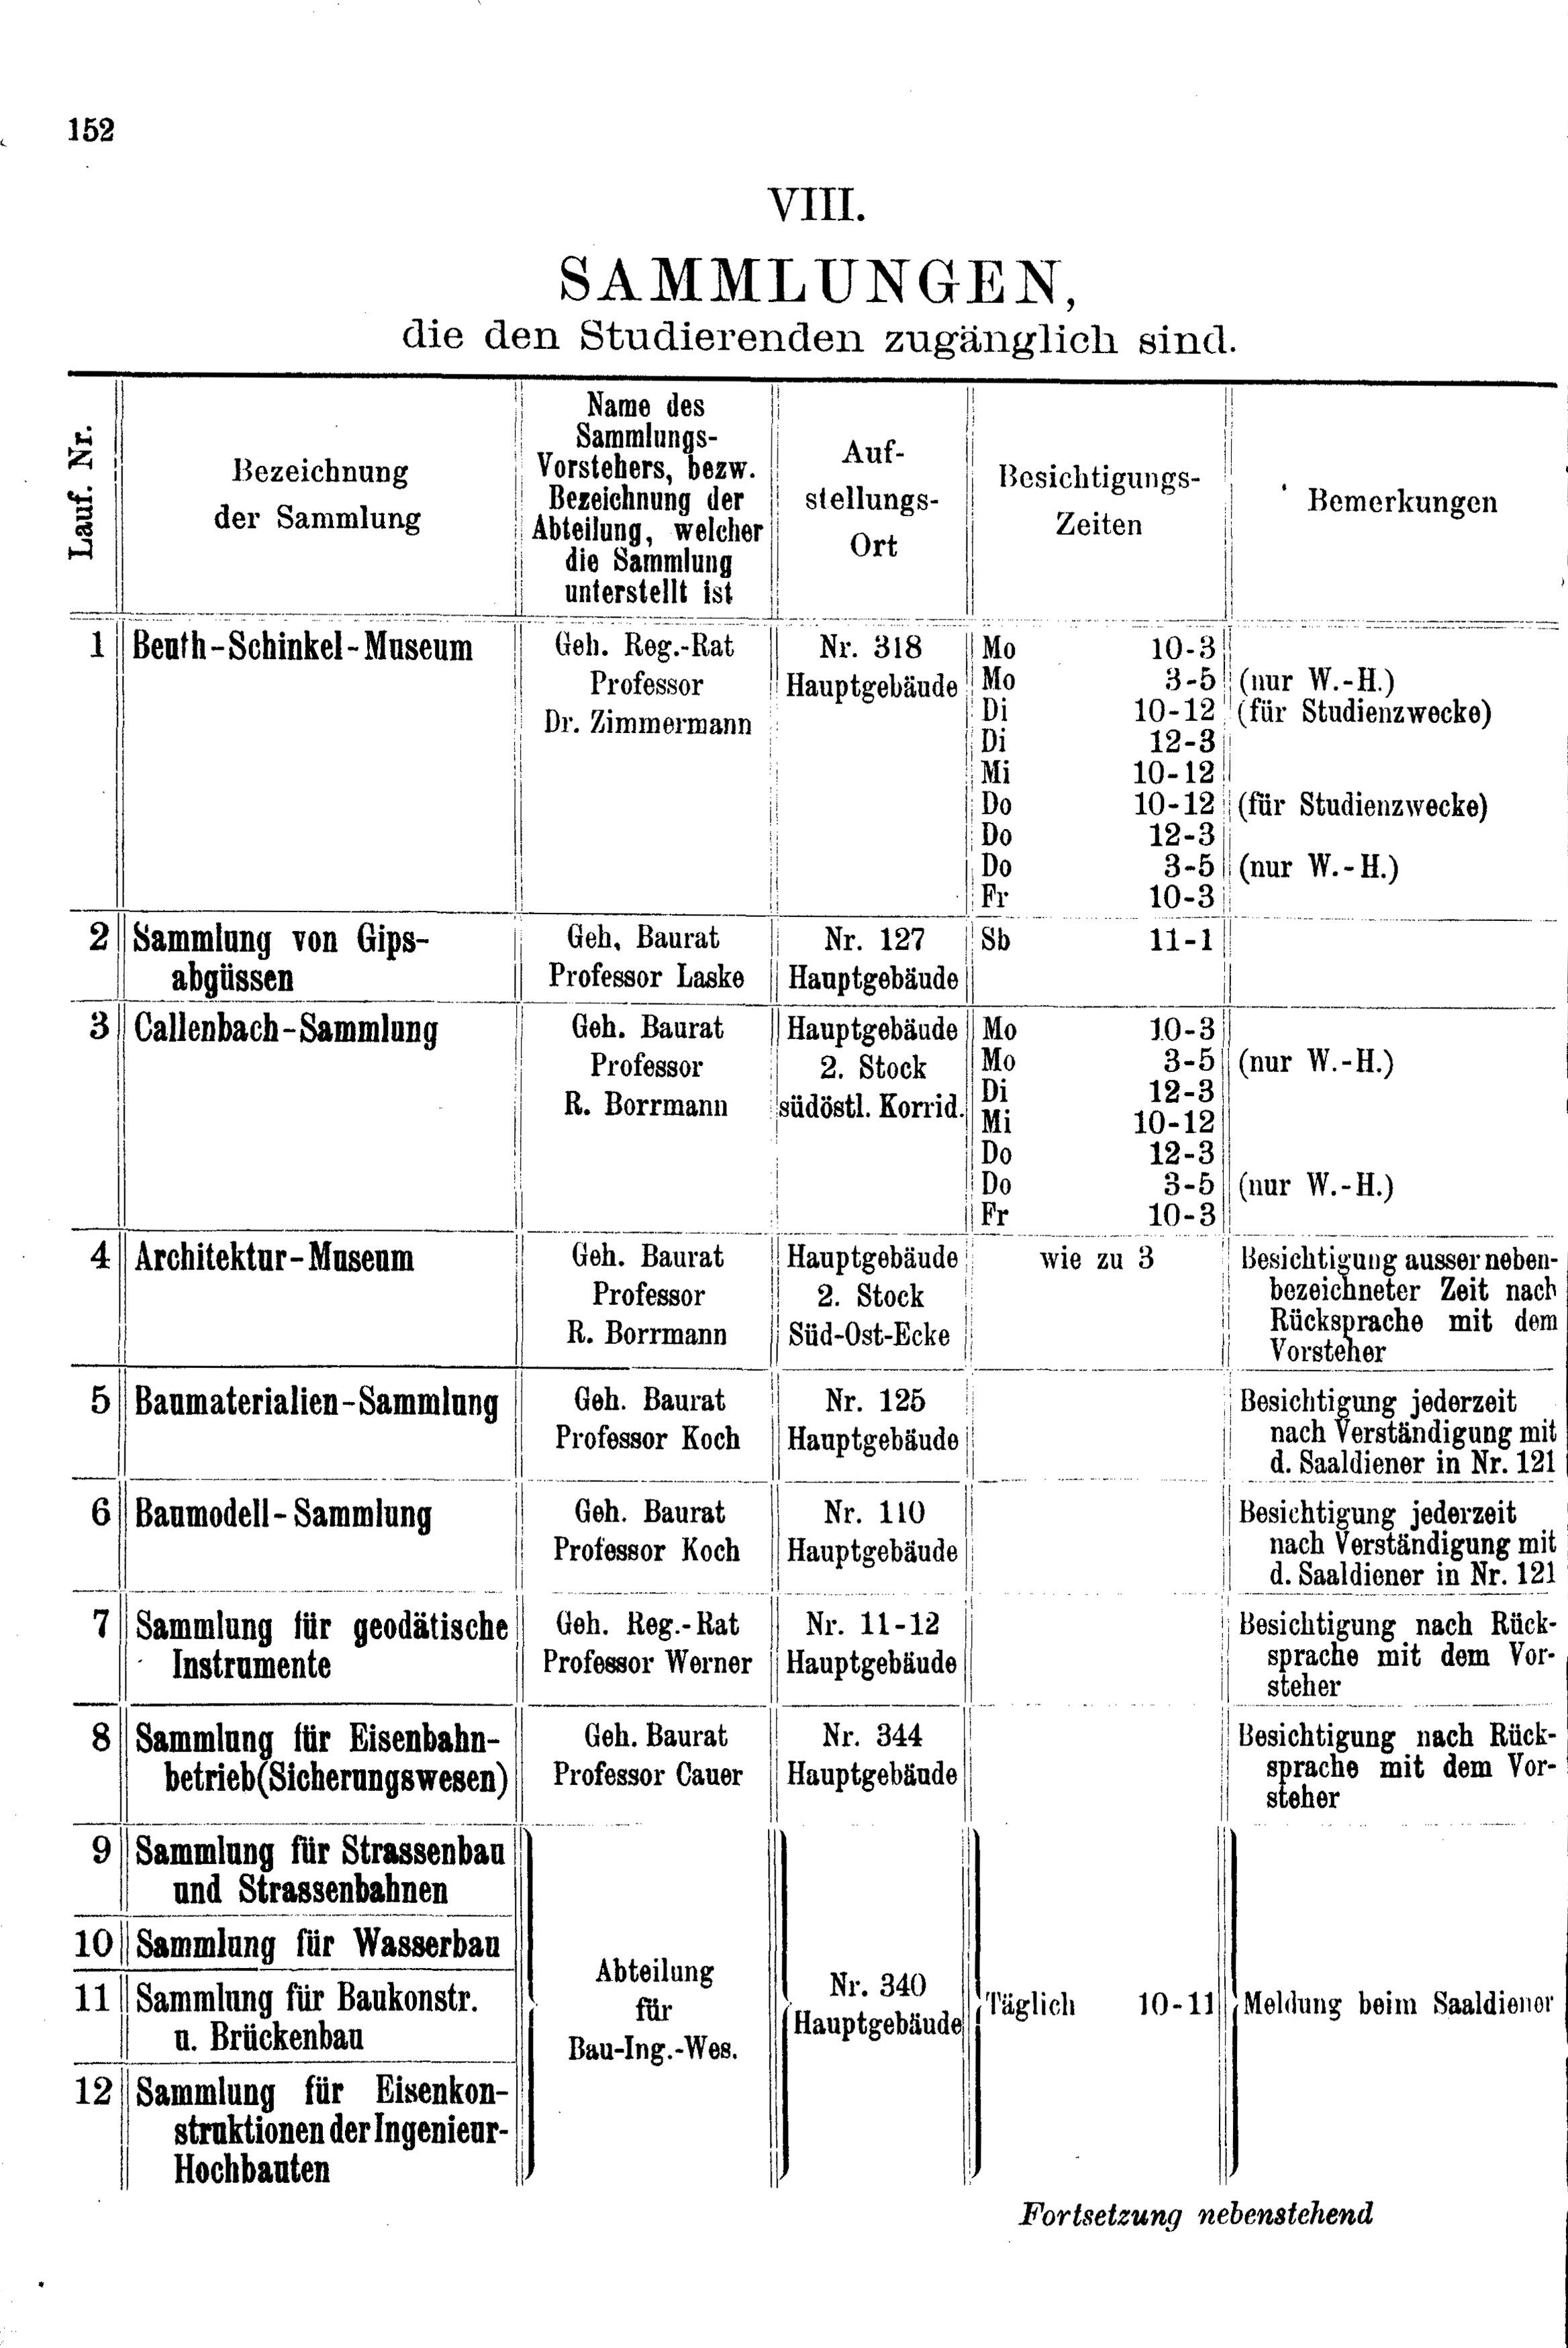 Erste Seite der Übersicht der Sammlungen der TH Berlin im SoSe 1913/1914